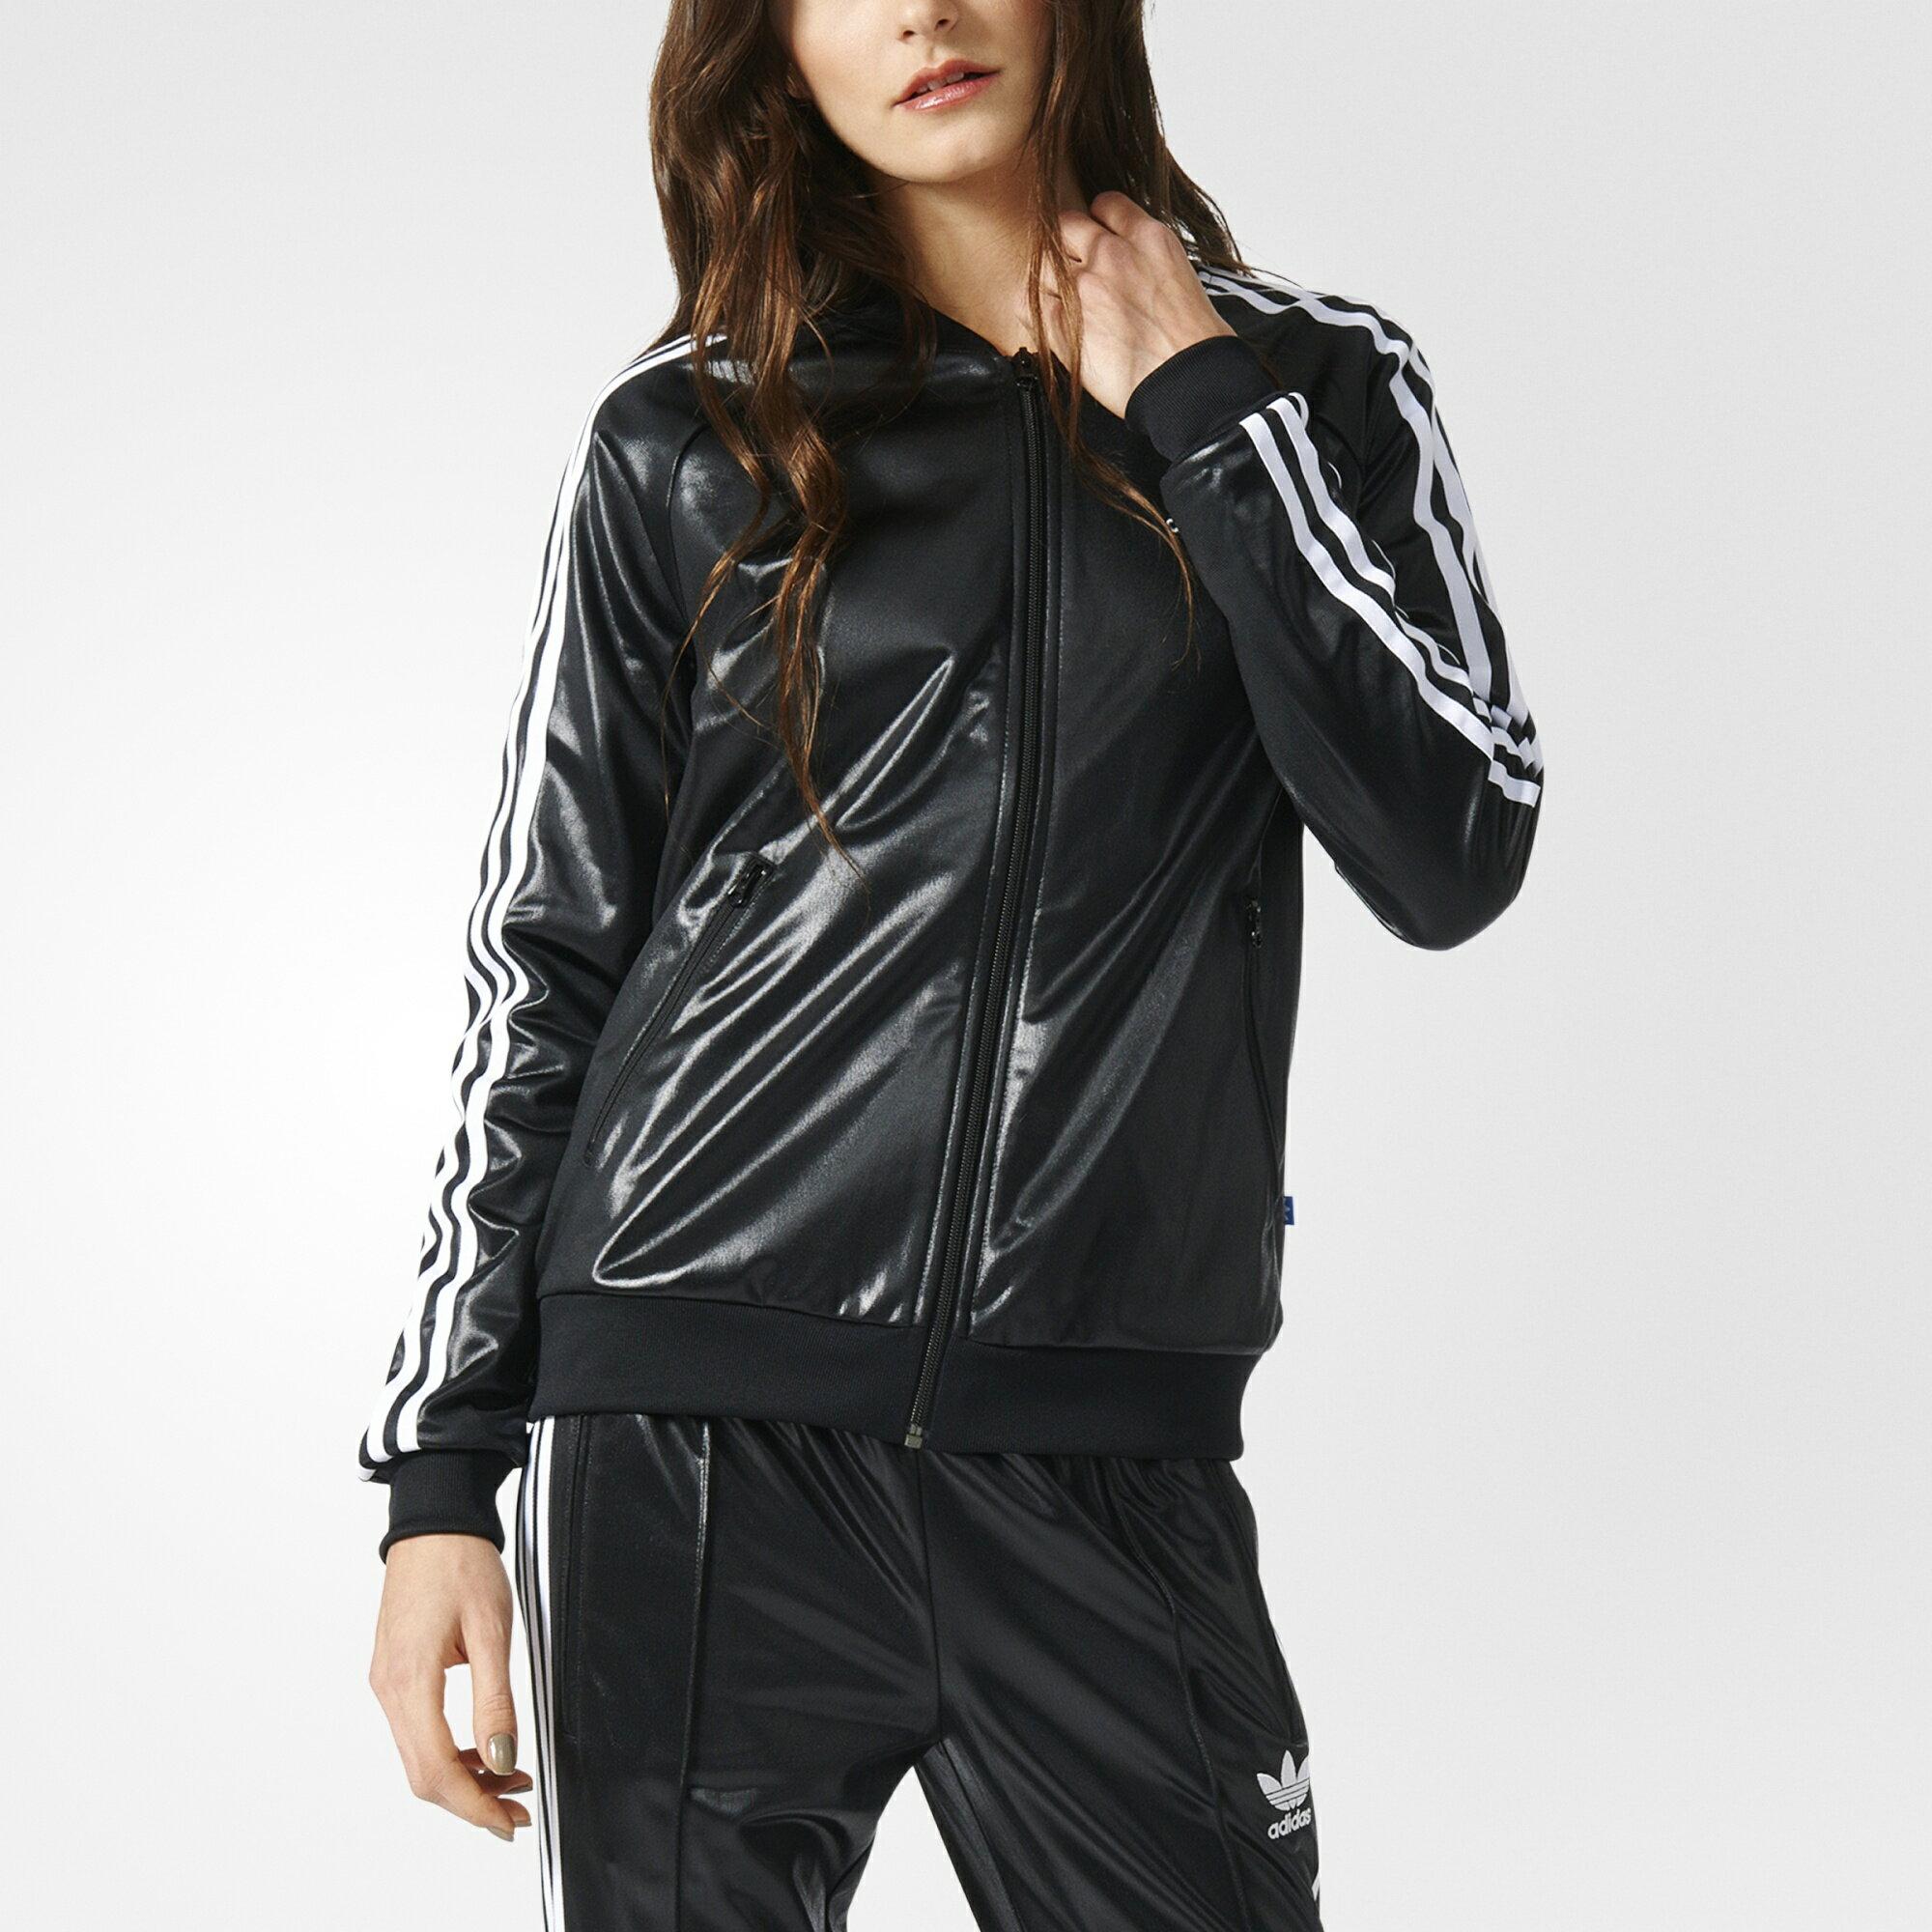 [尋寶趣]ADIDAS Originals 愛迪達 三葉草 黑色 黑白 皮 基本款 棒球外套 AY7892